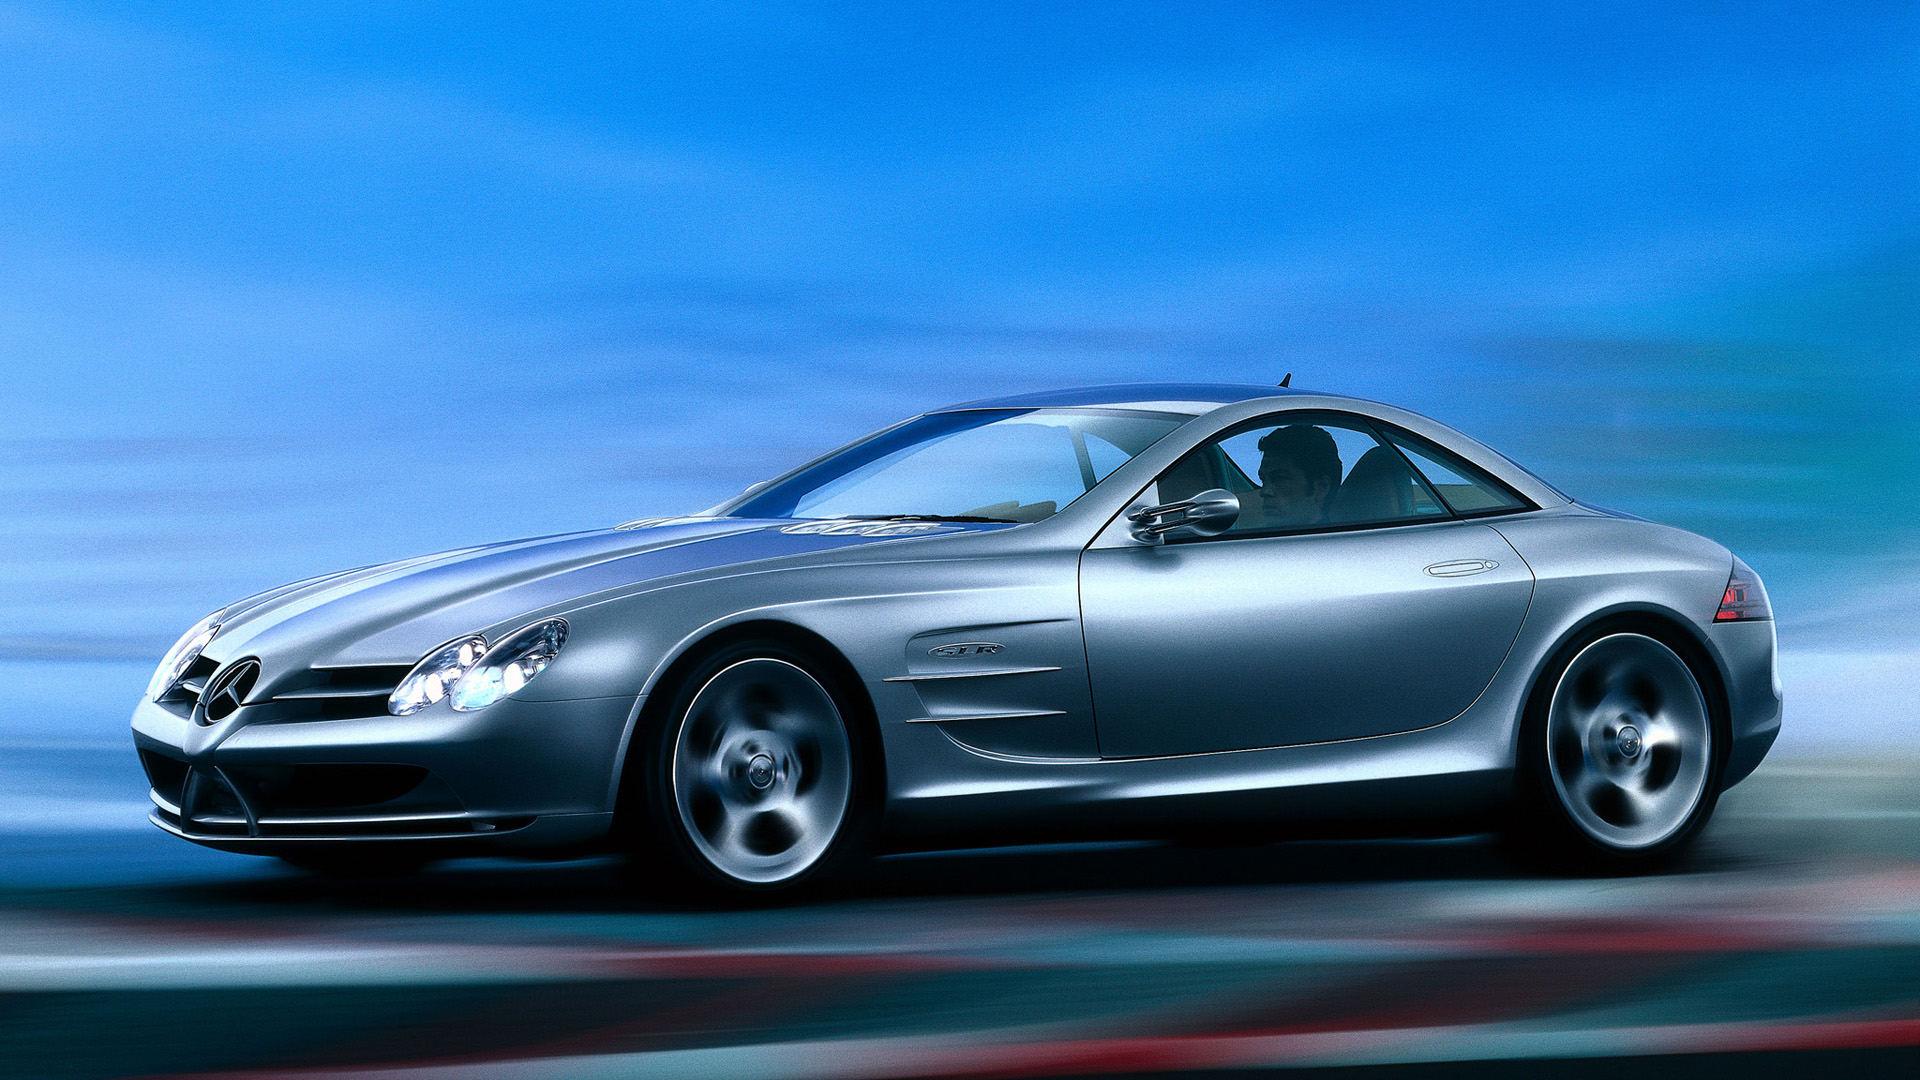 1999 Mercedes Vision SLR Concept